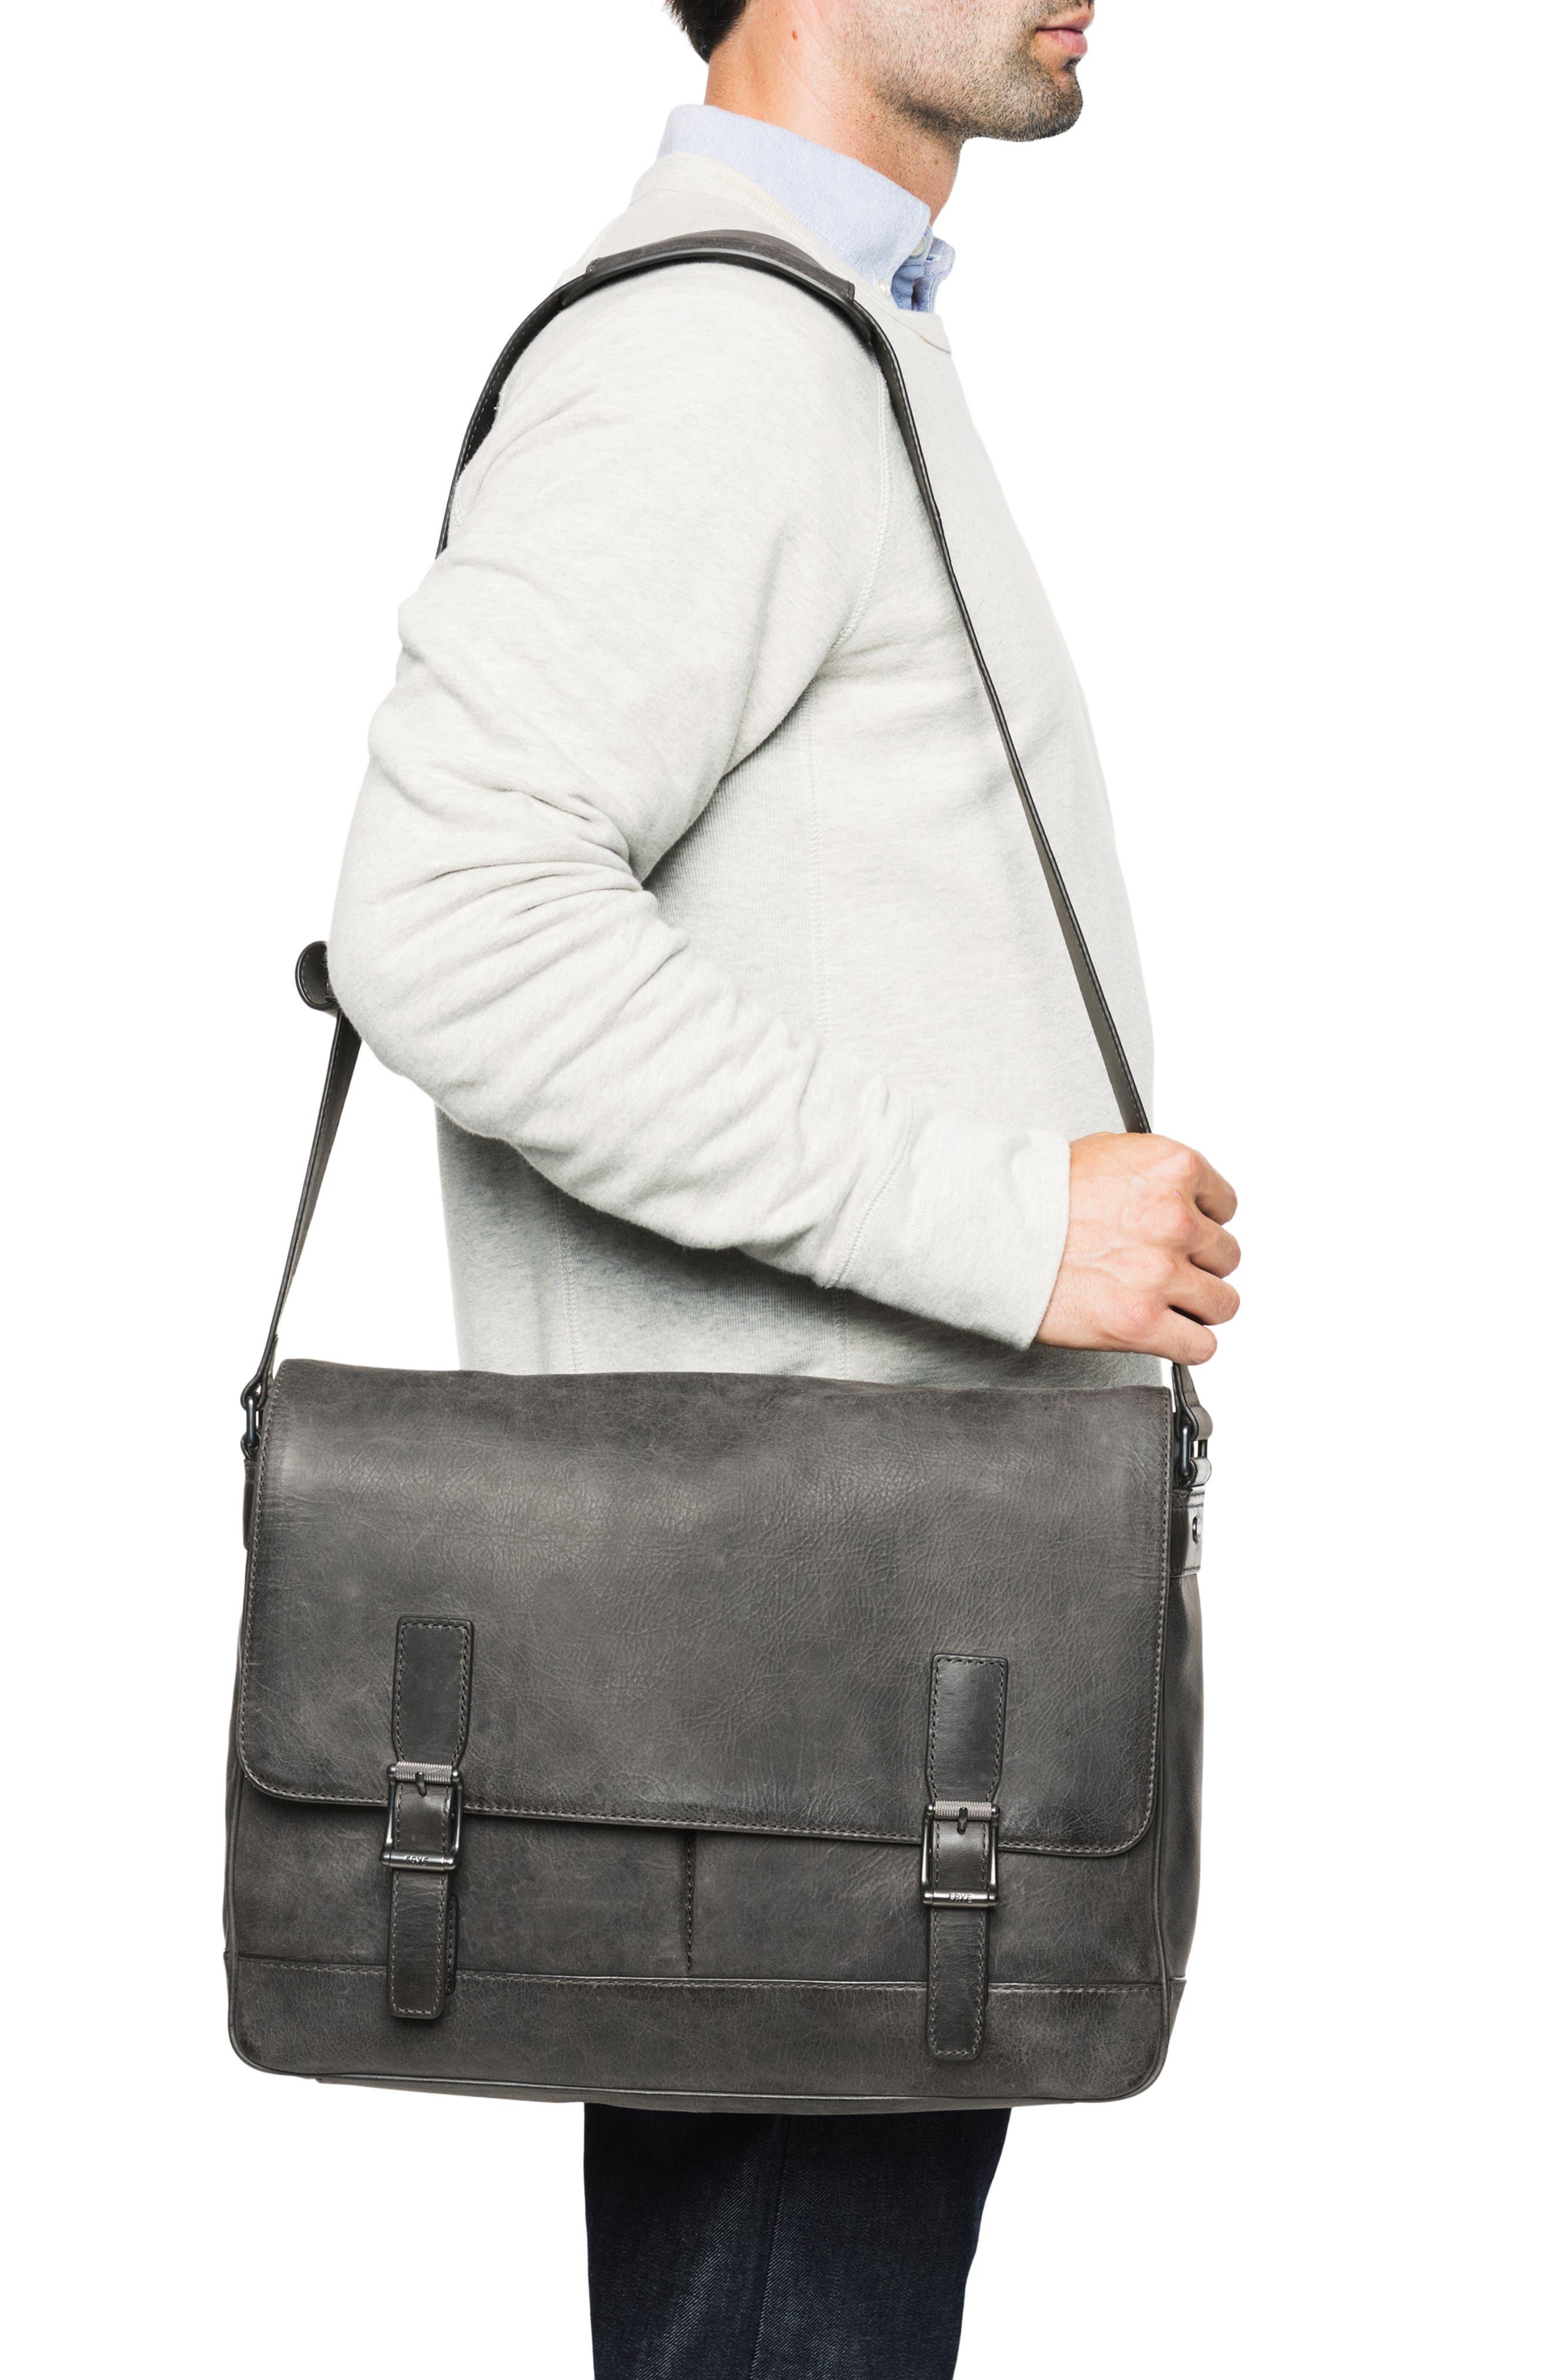 Oliver Leather Messenger Bag,                             Alternate thumbnail 2, color,                             SLATE